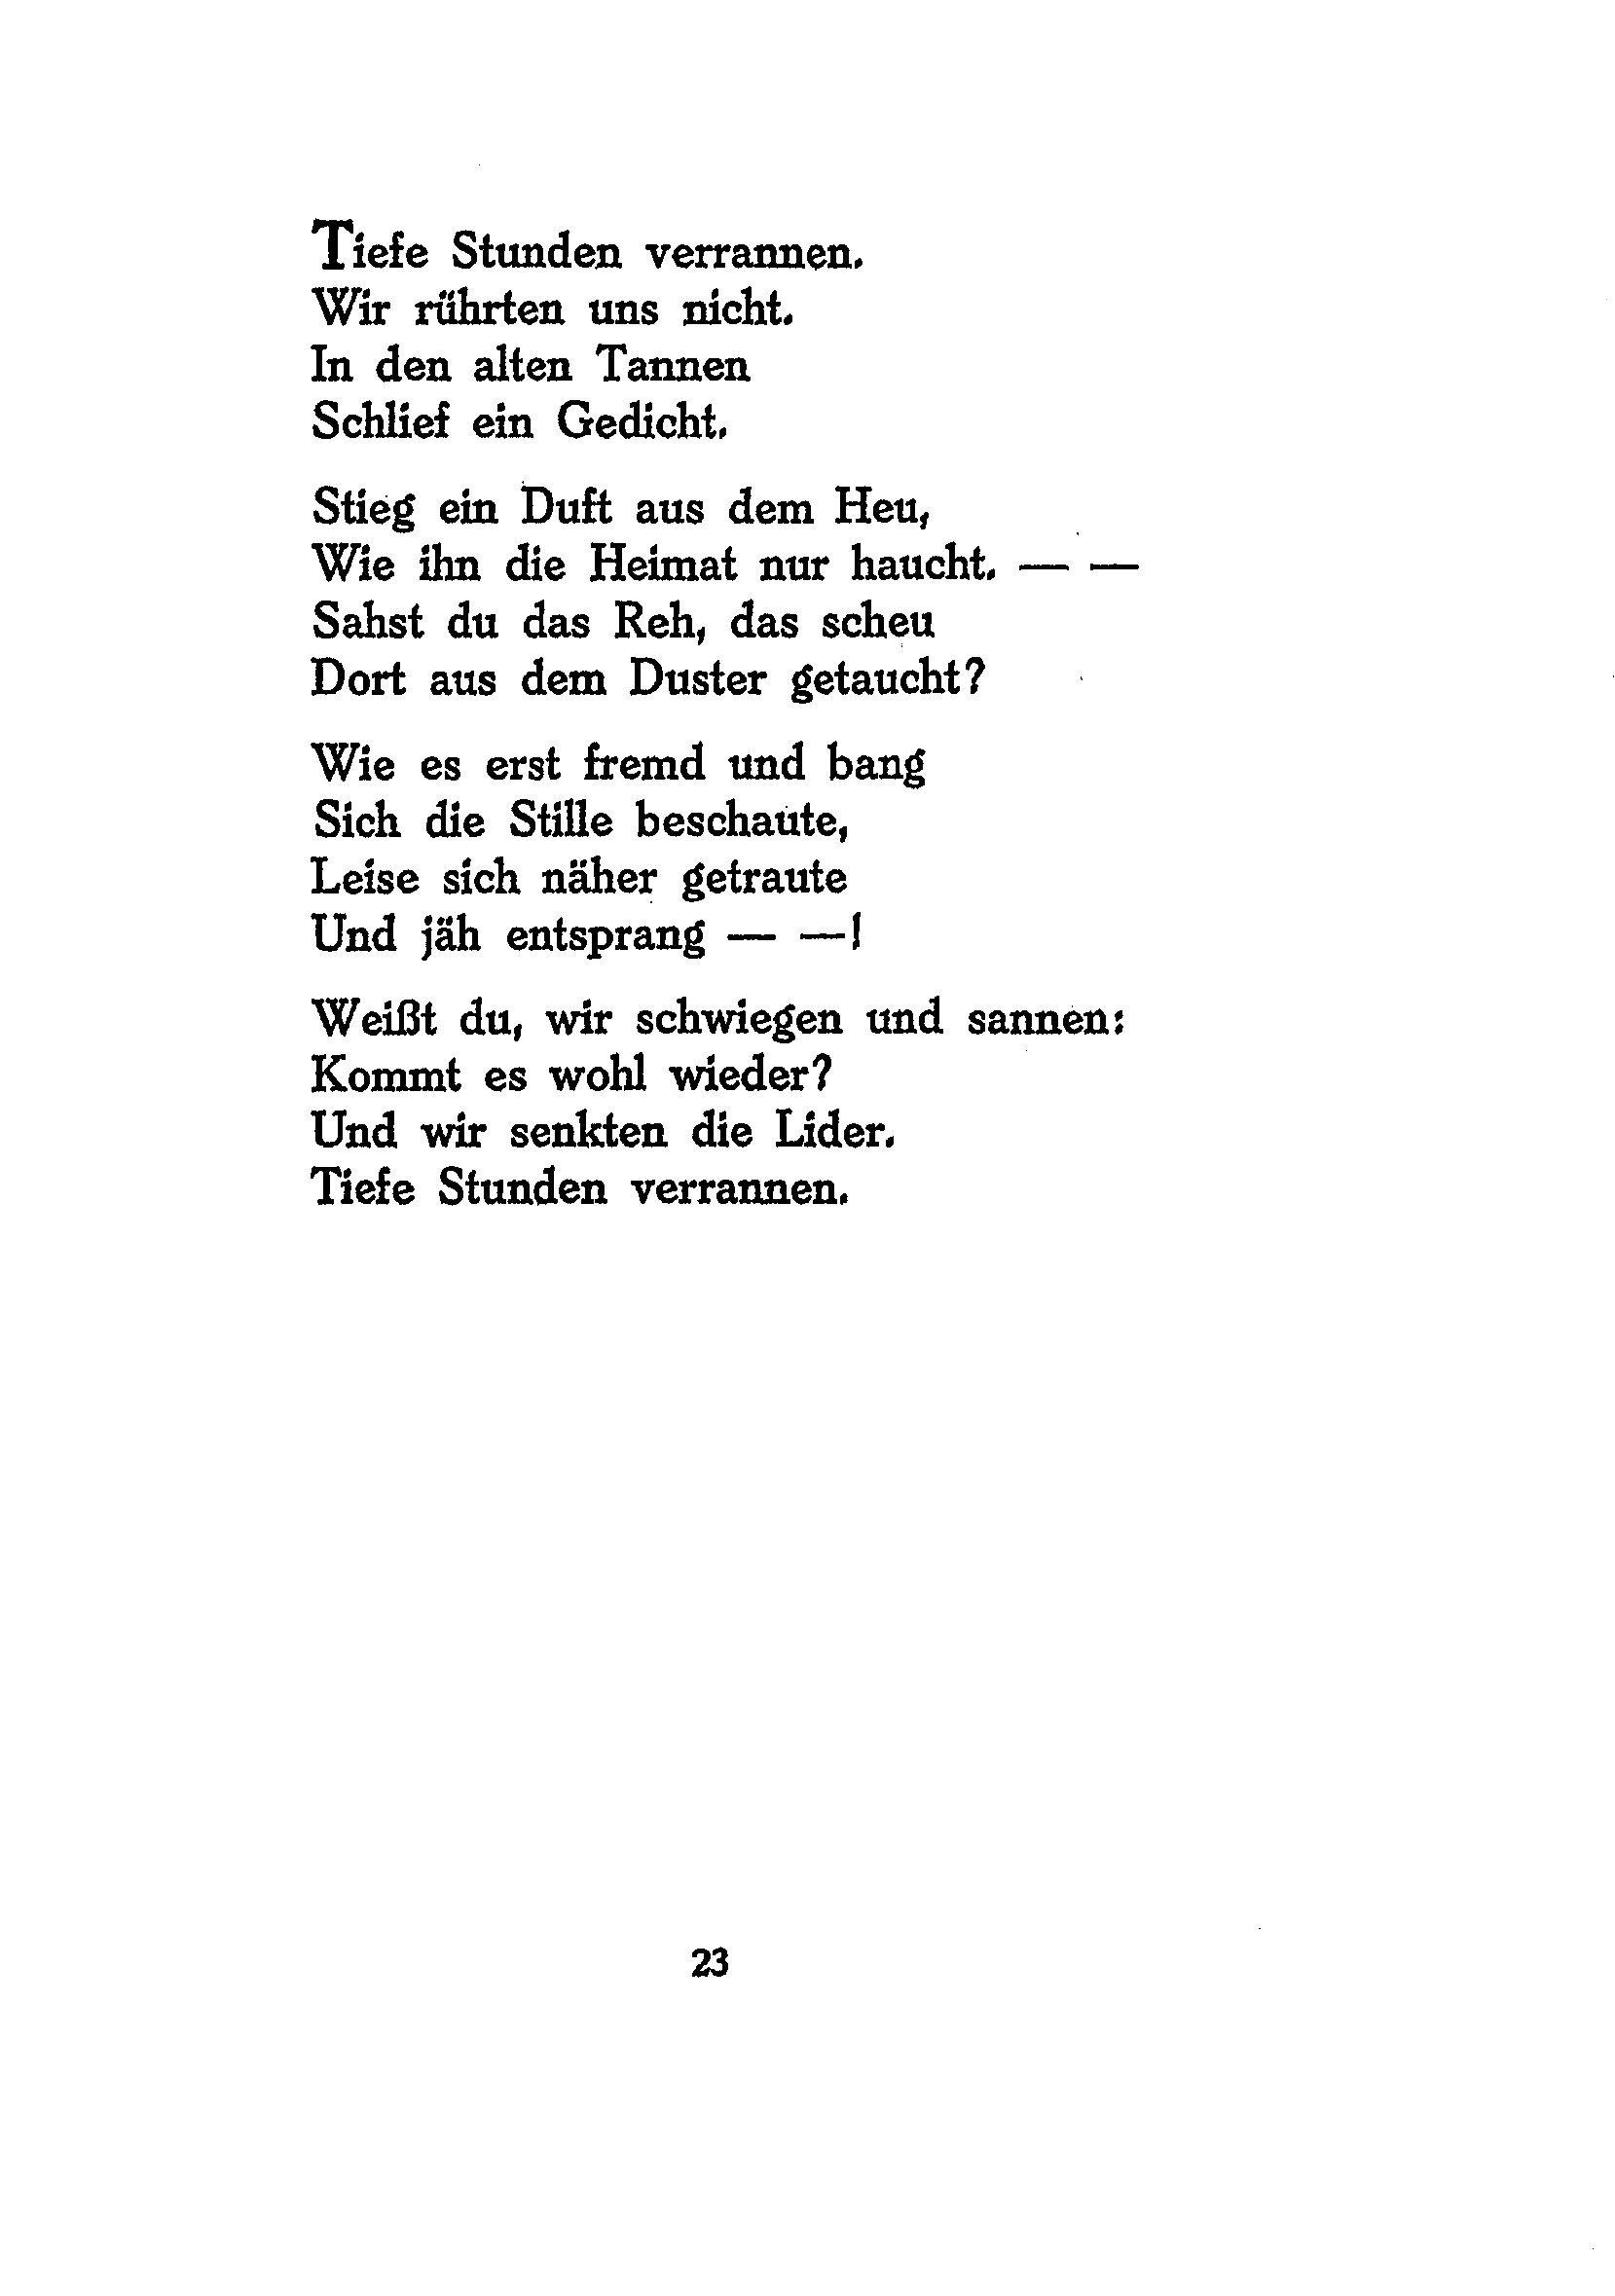 Gedichtinterpretation Zu Dir Von Joachim Ringelnatz Interpretation